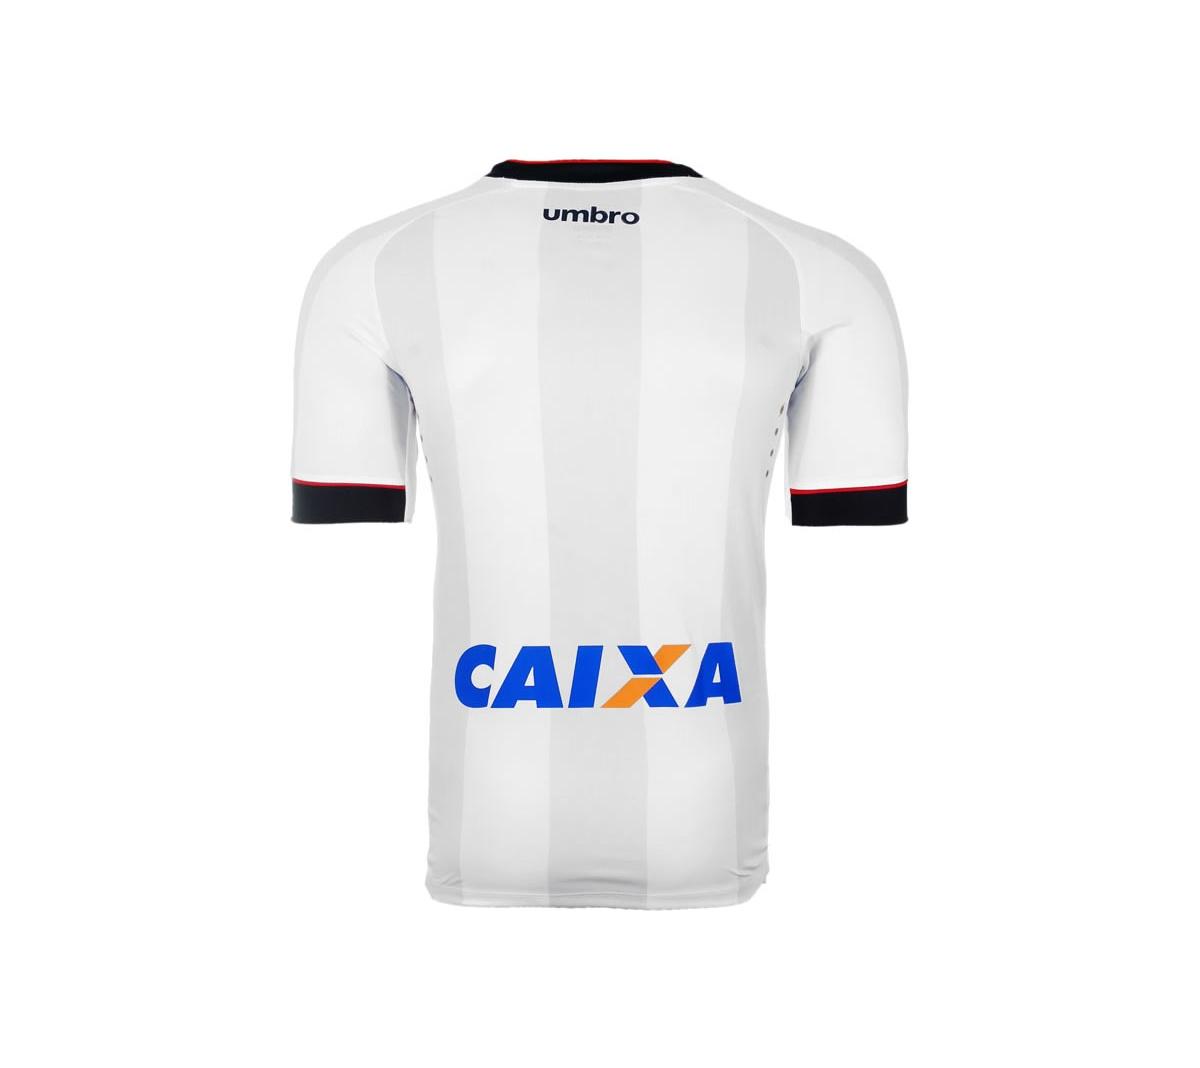 d7a3535867 Camisa Atlético Paranaense II Umbro Oficial 2015 BC PT - Mundo do ...